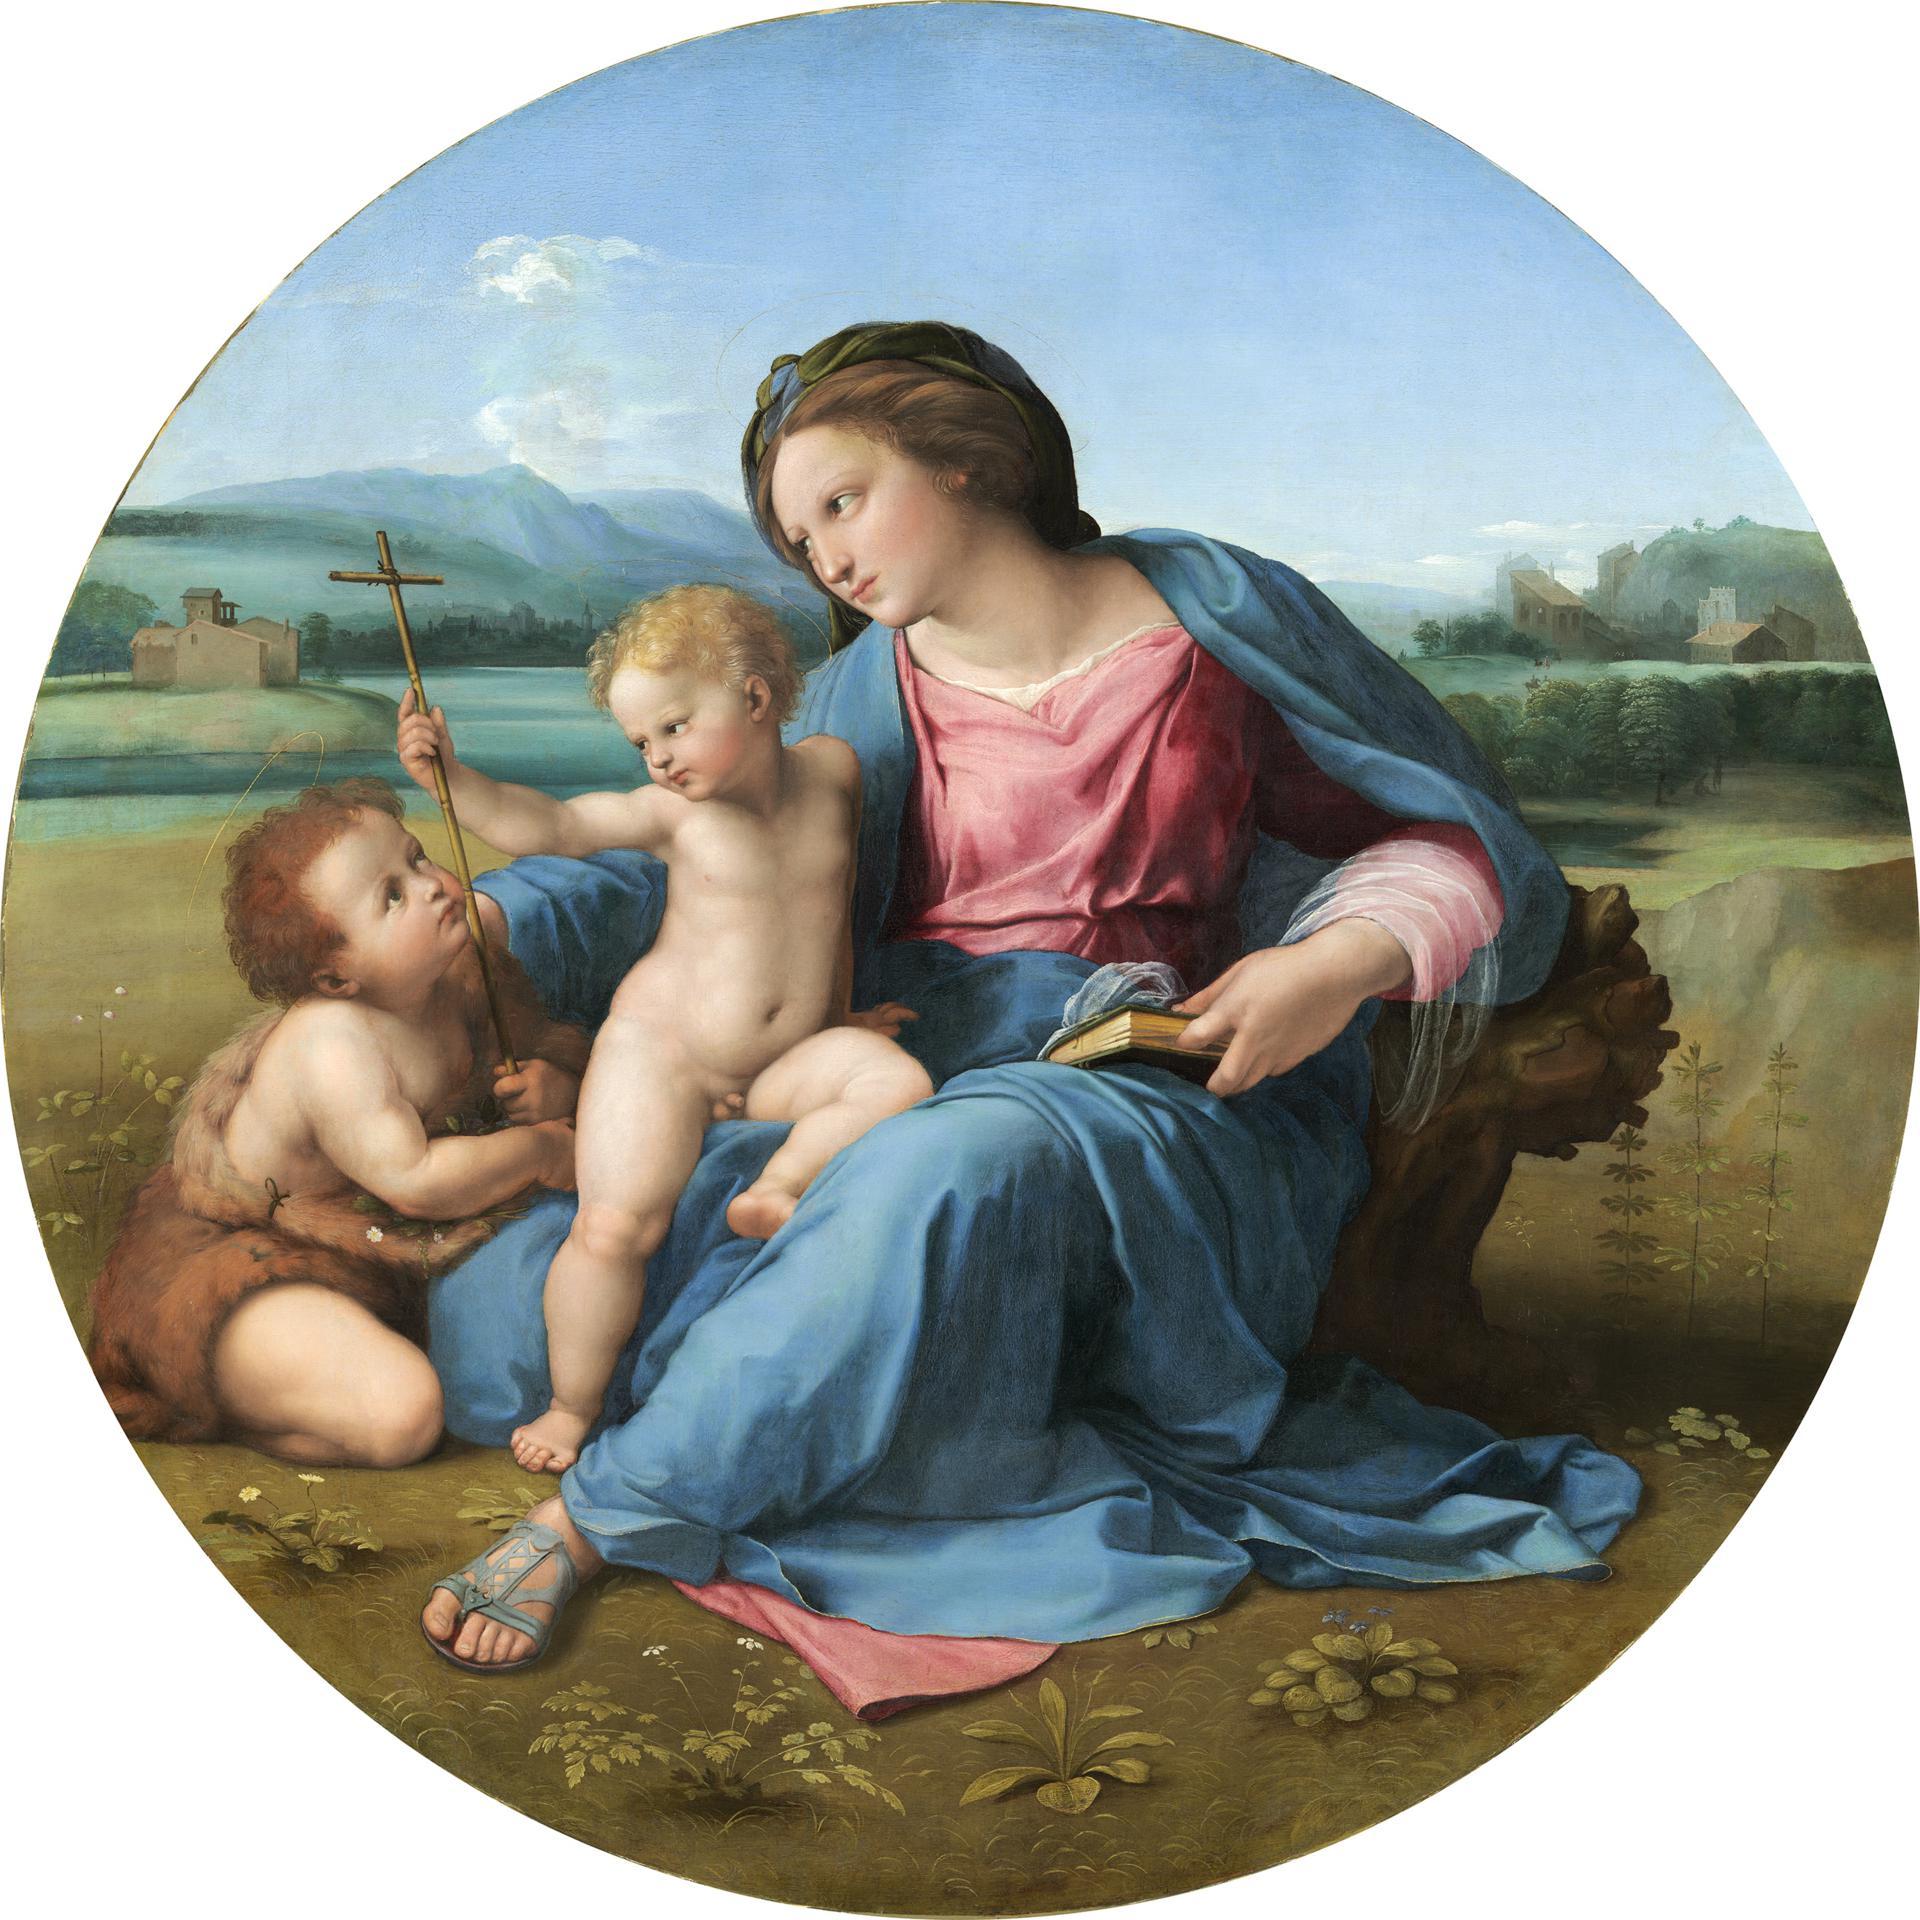 0005_拉斐尔绘画作品集油画专辑TIF-Raffaello-Sanzio-13_2644x2644PX_TIF_71DPI_20_0